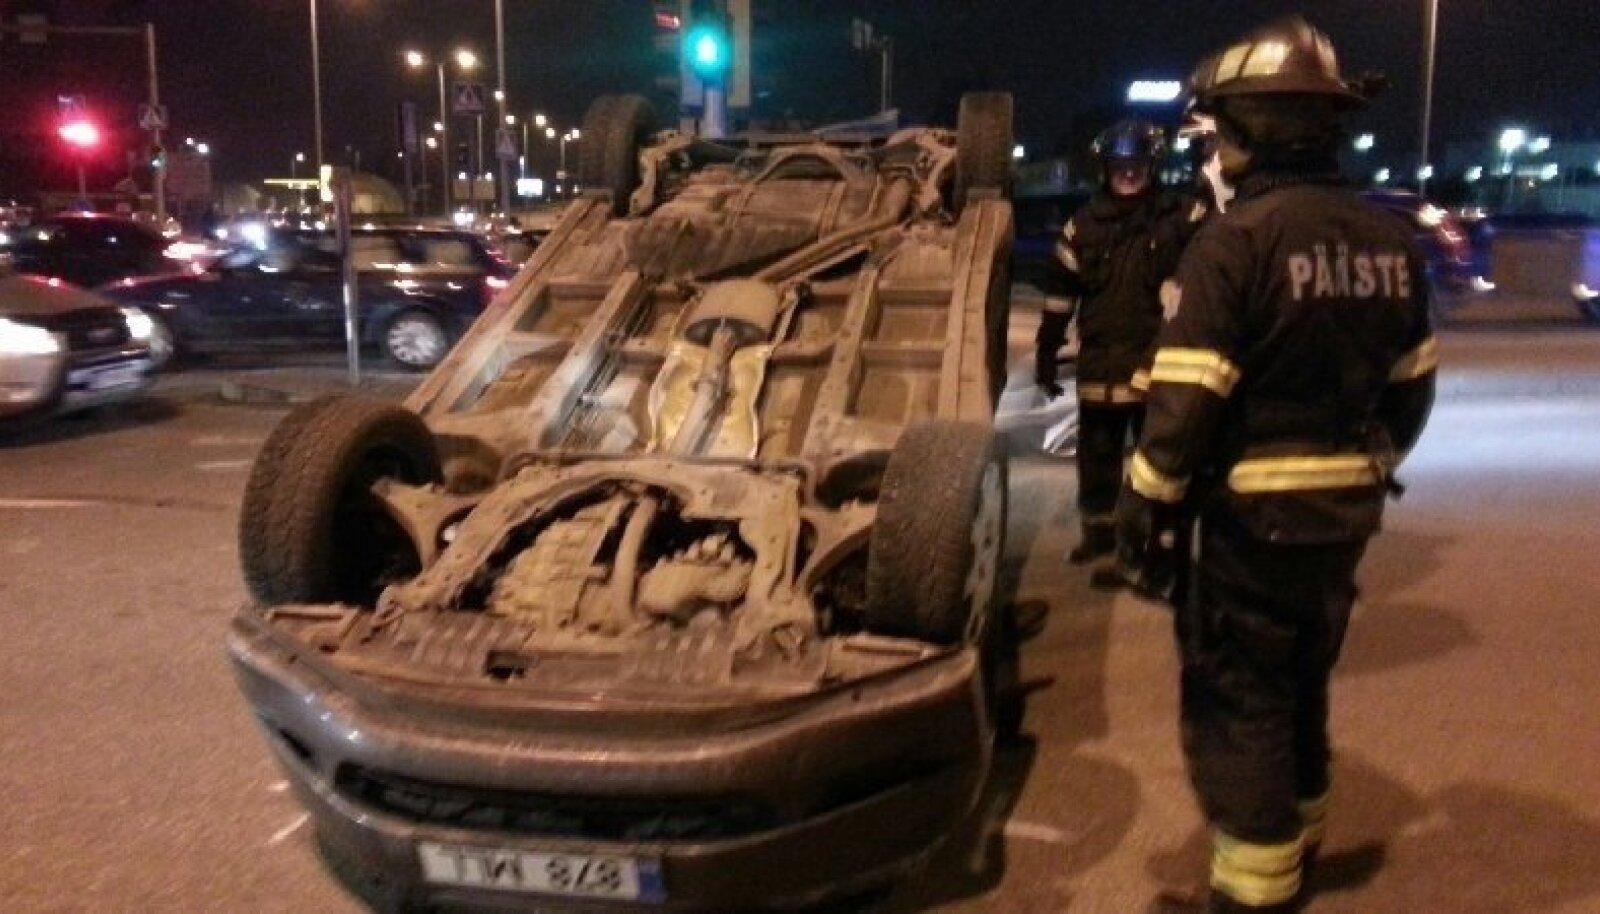 Liiklusõnnetus smuuli teel